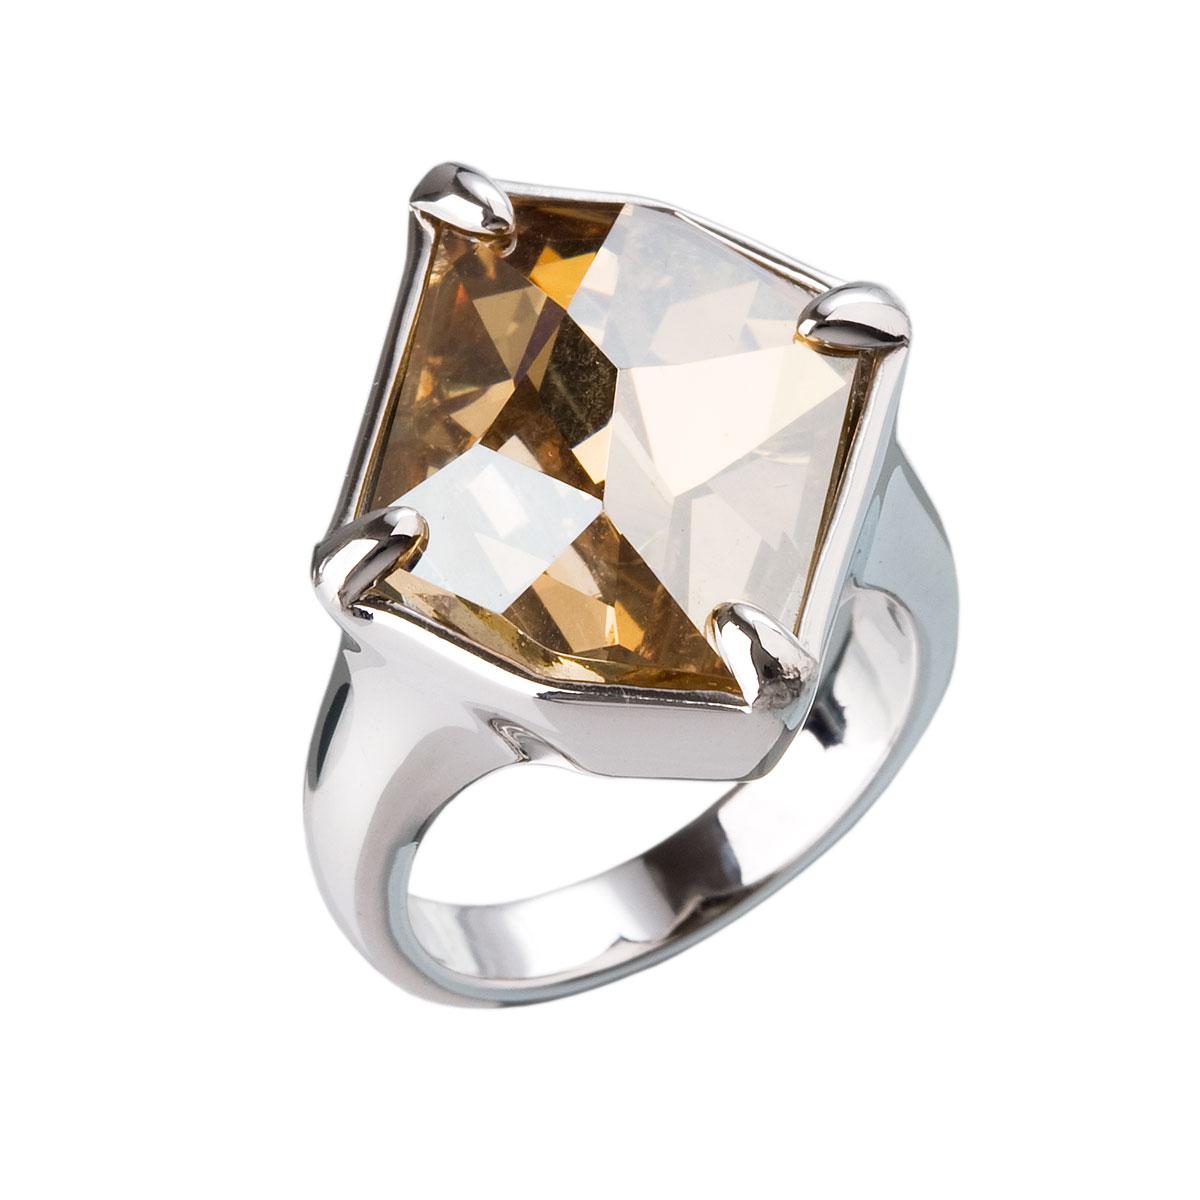 Strieborný prsteň s krištálmi zlatý 35805.5